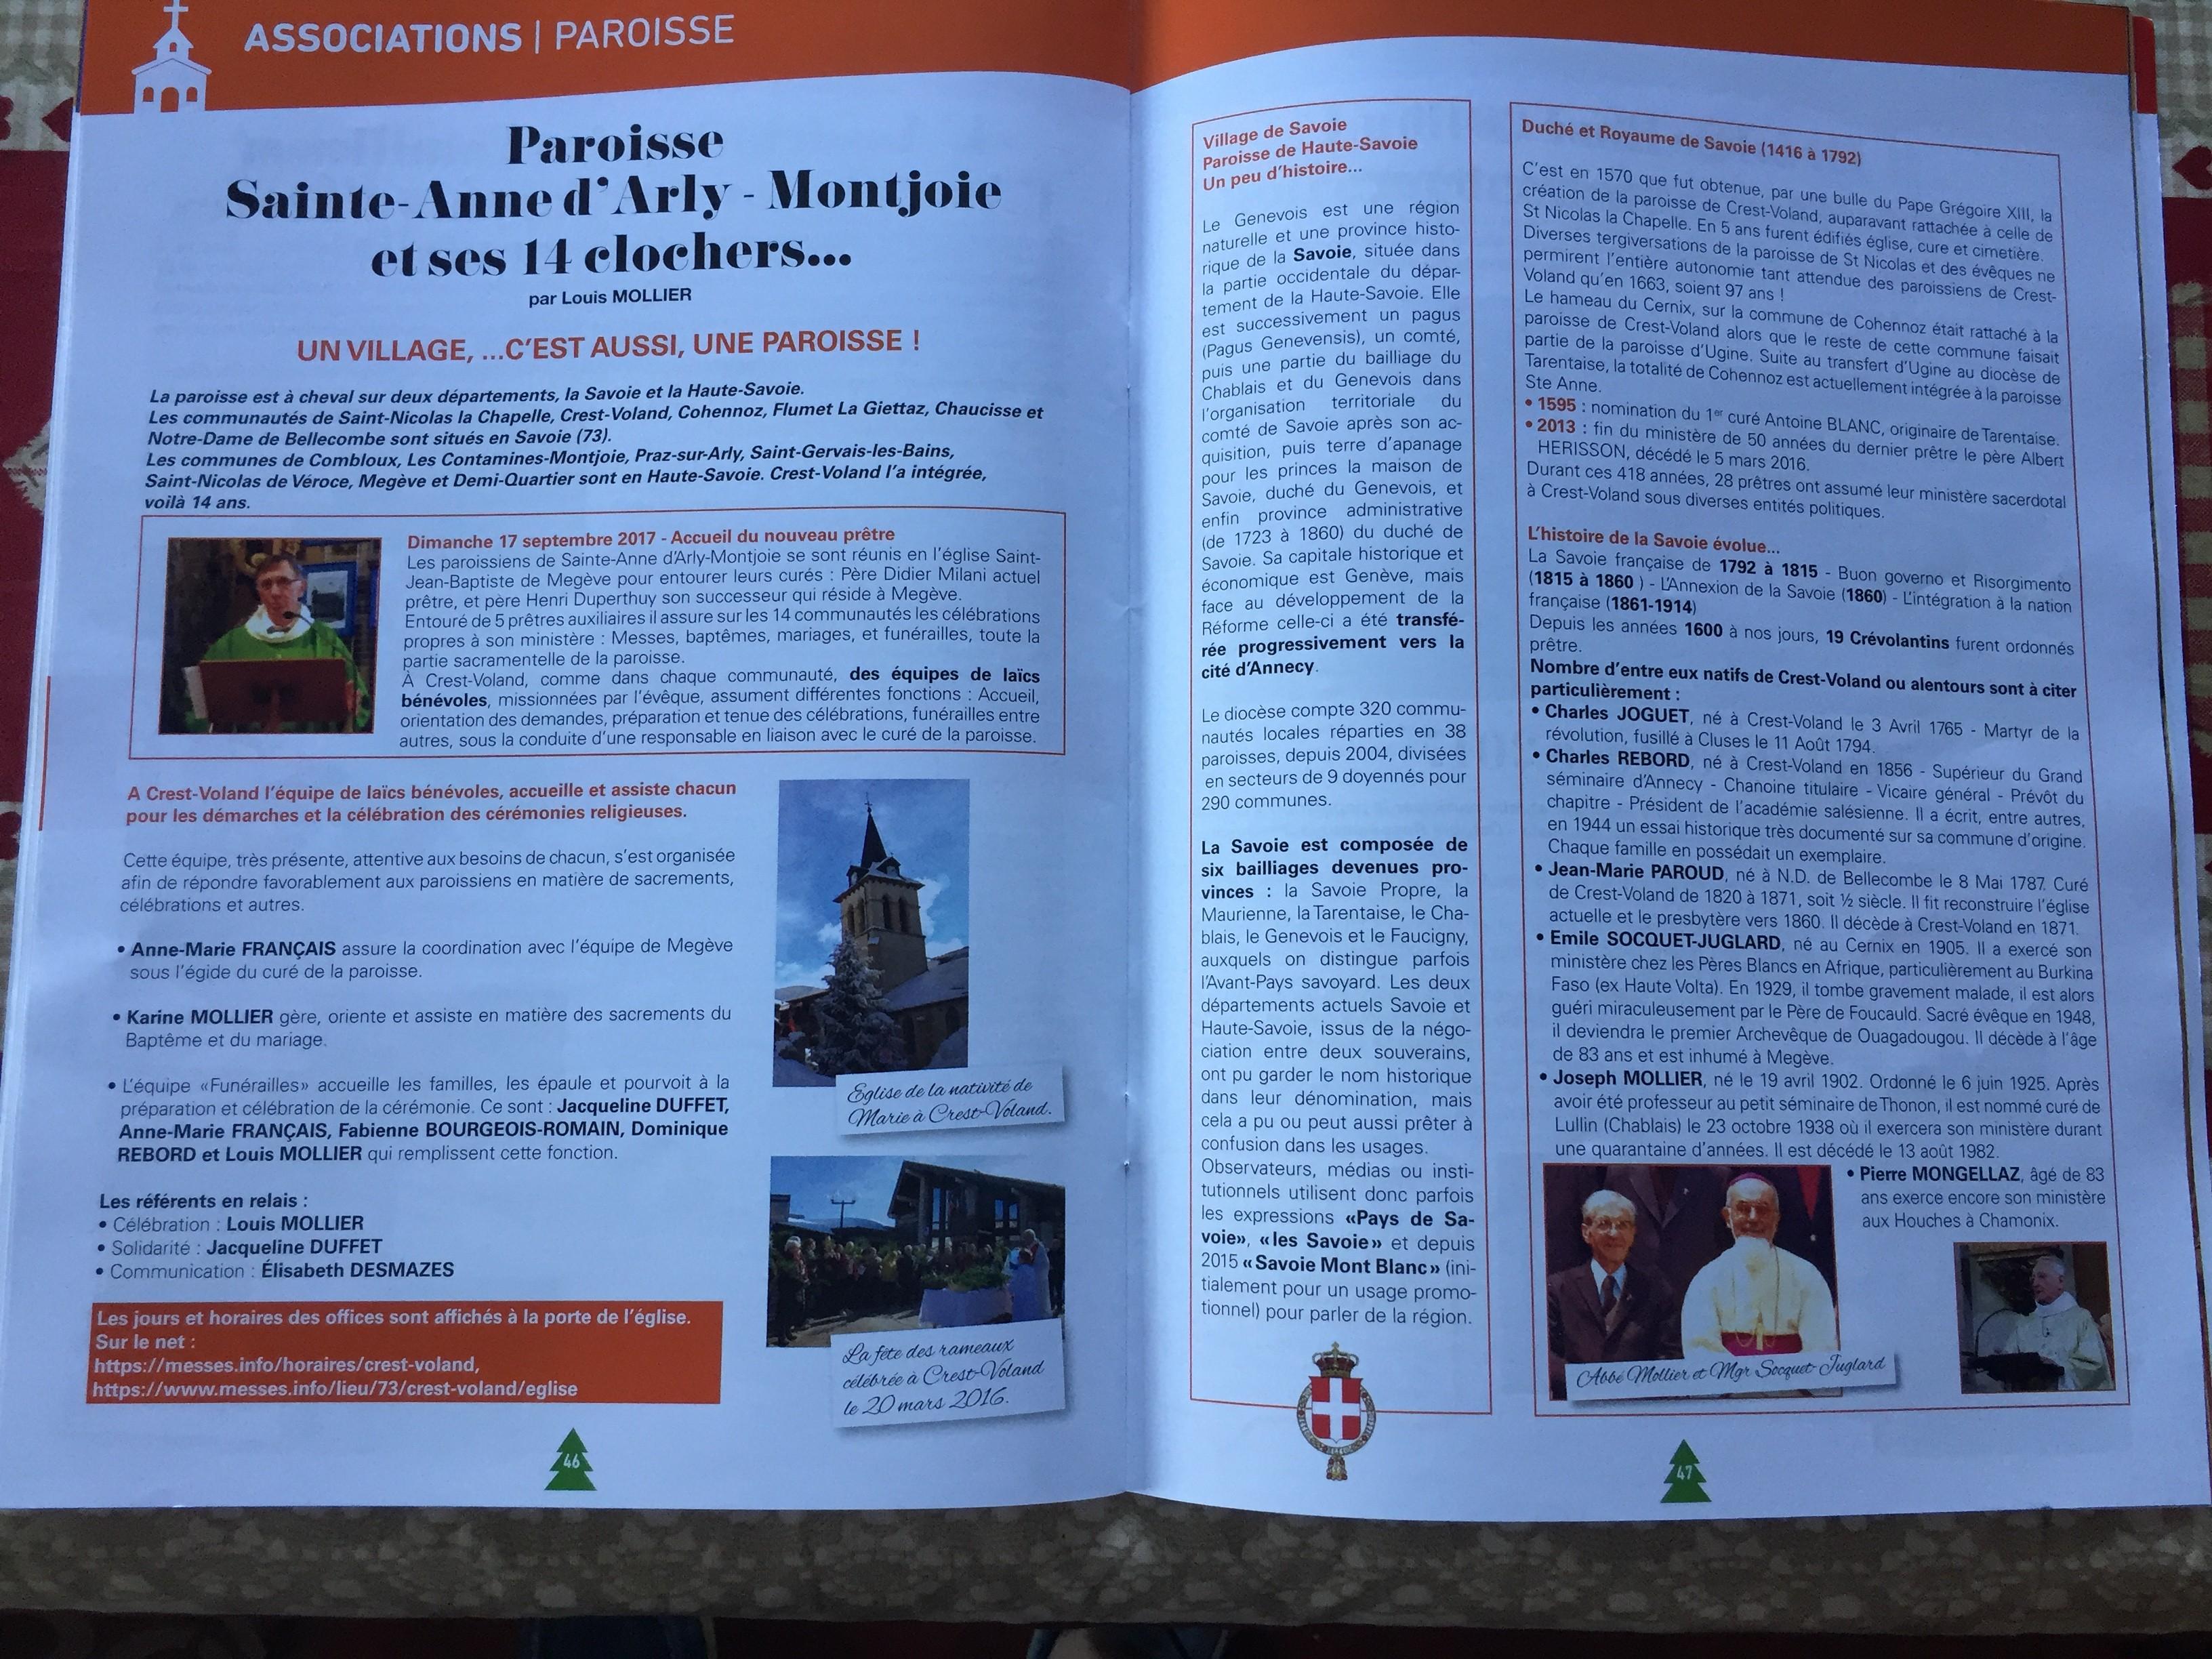 France: Un village de 300 âmes compte un martyr de la révolution, un évêque missionnaire, un miraculé de Charles de Foucauld…